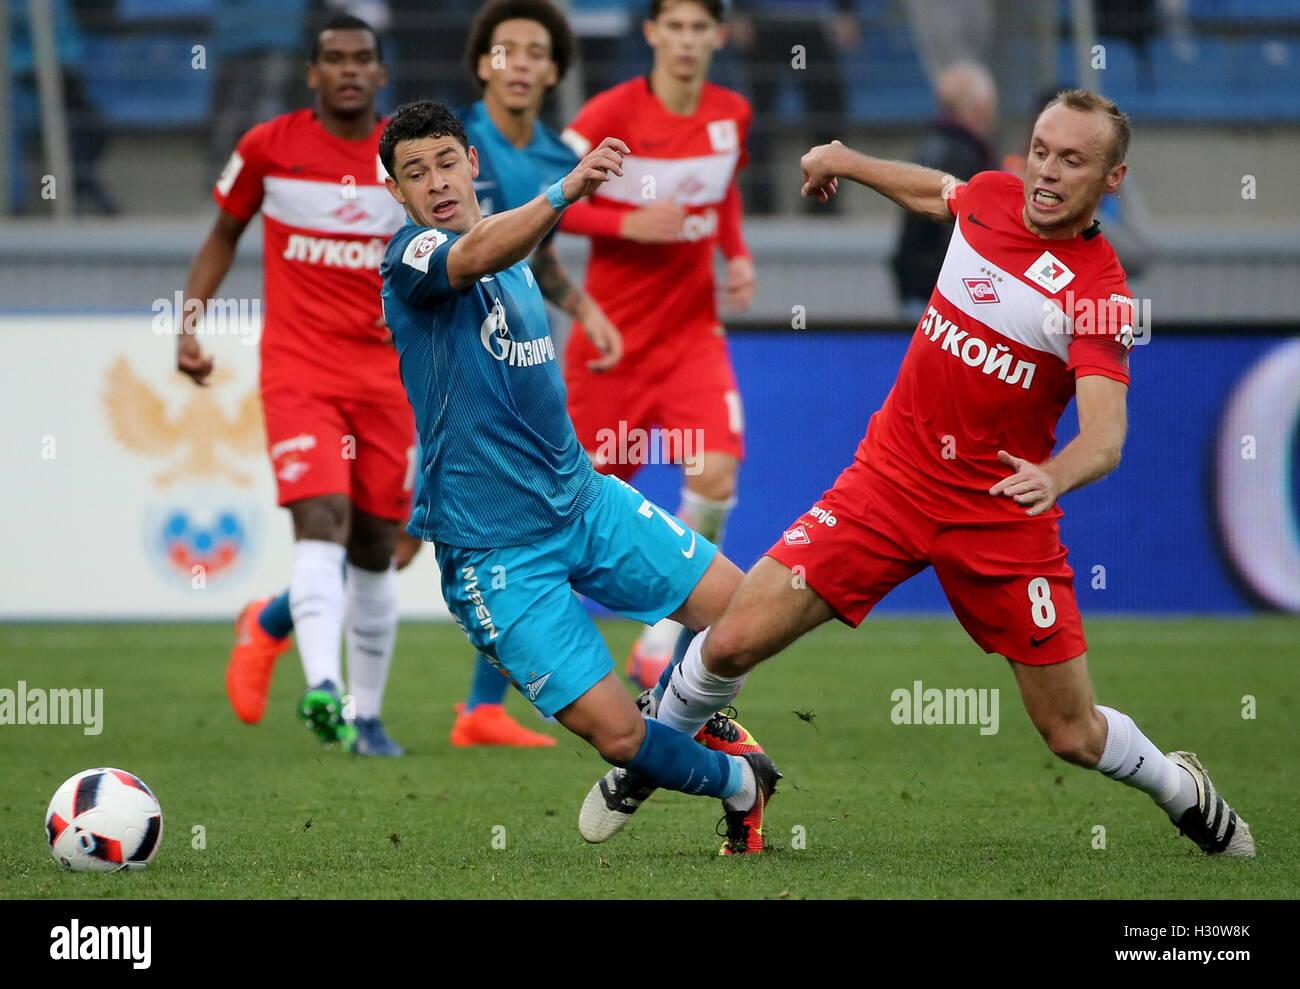 Matches Spartak - Zenit in the season 2018 - 2019 9